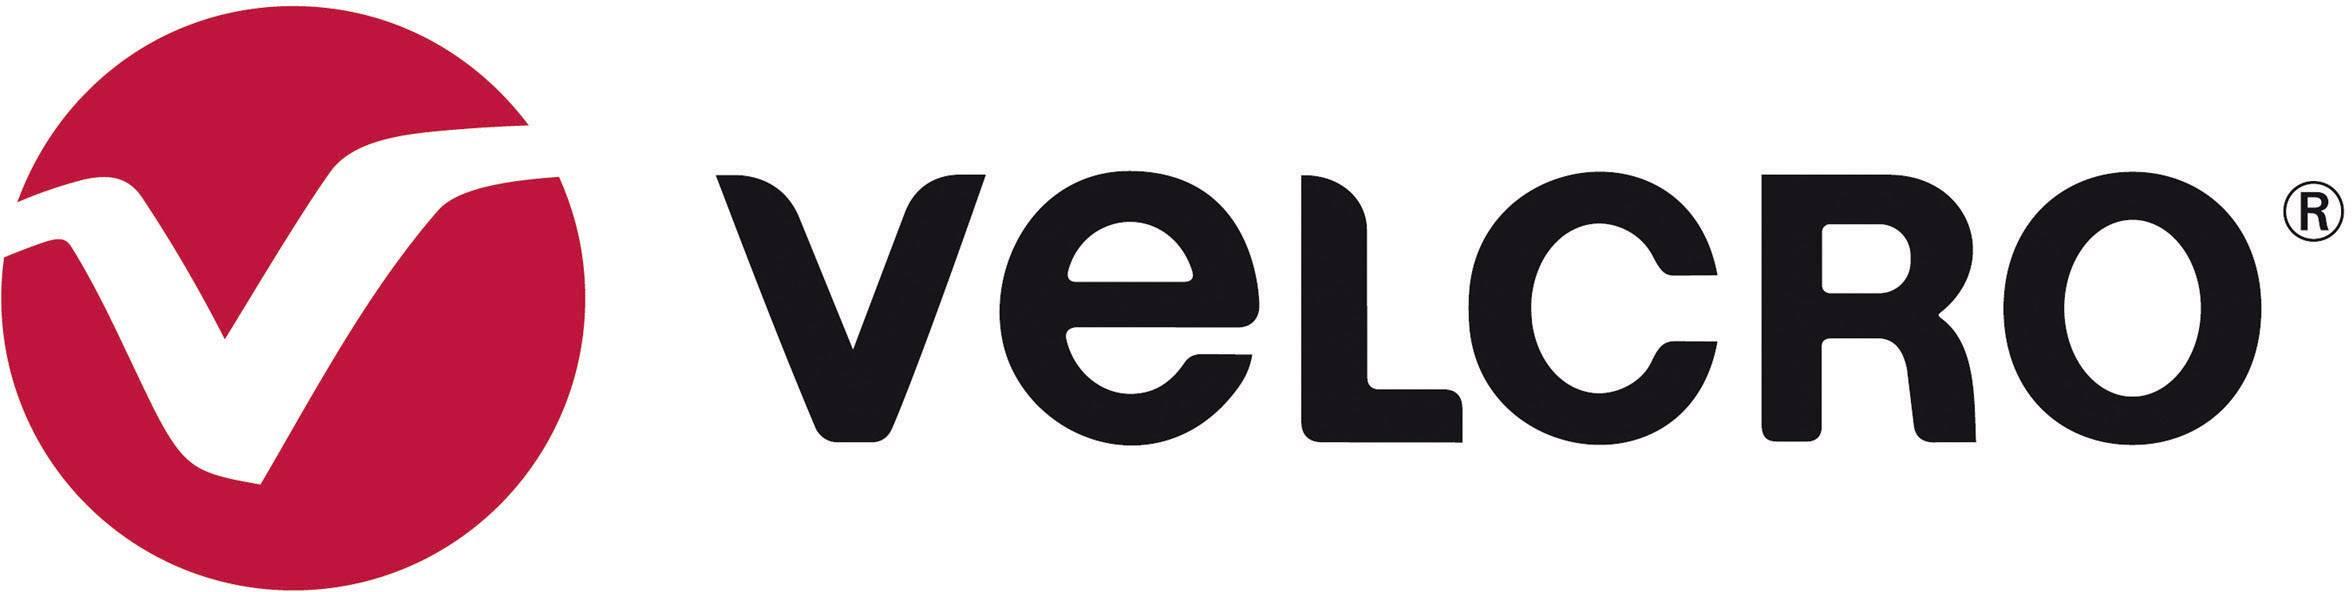 VELCRO® brand